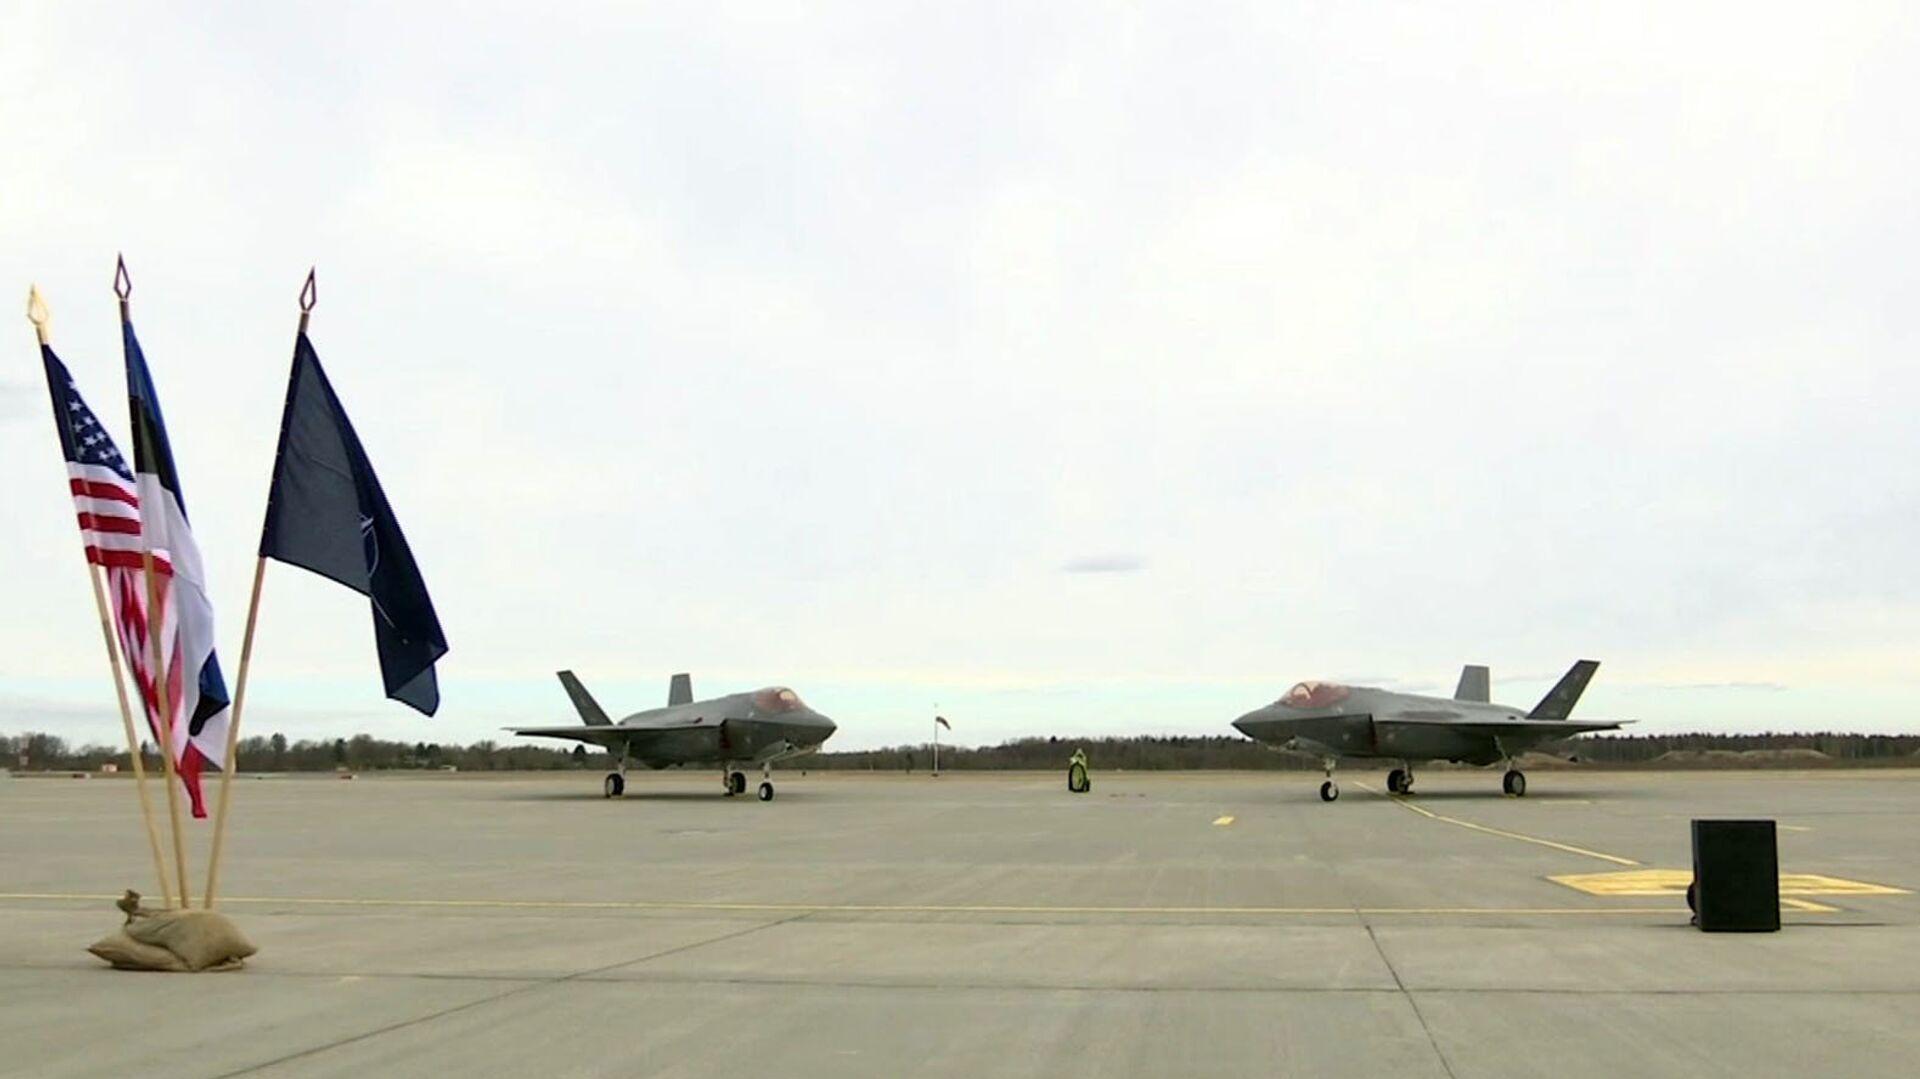 Американские истребители F-35 на авиабазе Амари в Харьюмаа, Эстония - РИА Новости, 1920, 29.04.2021